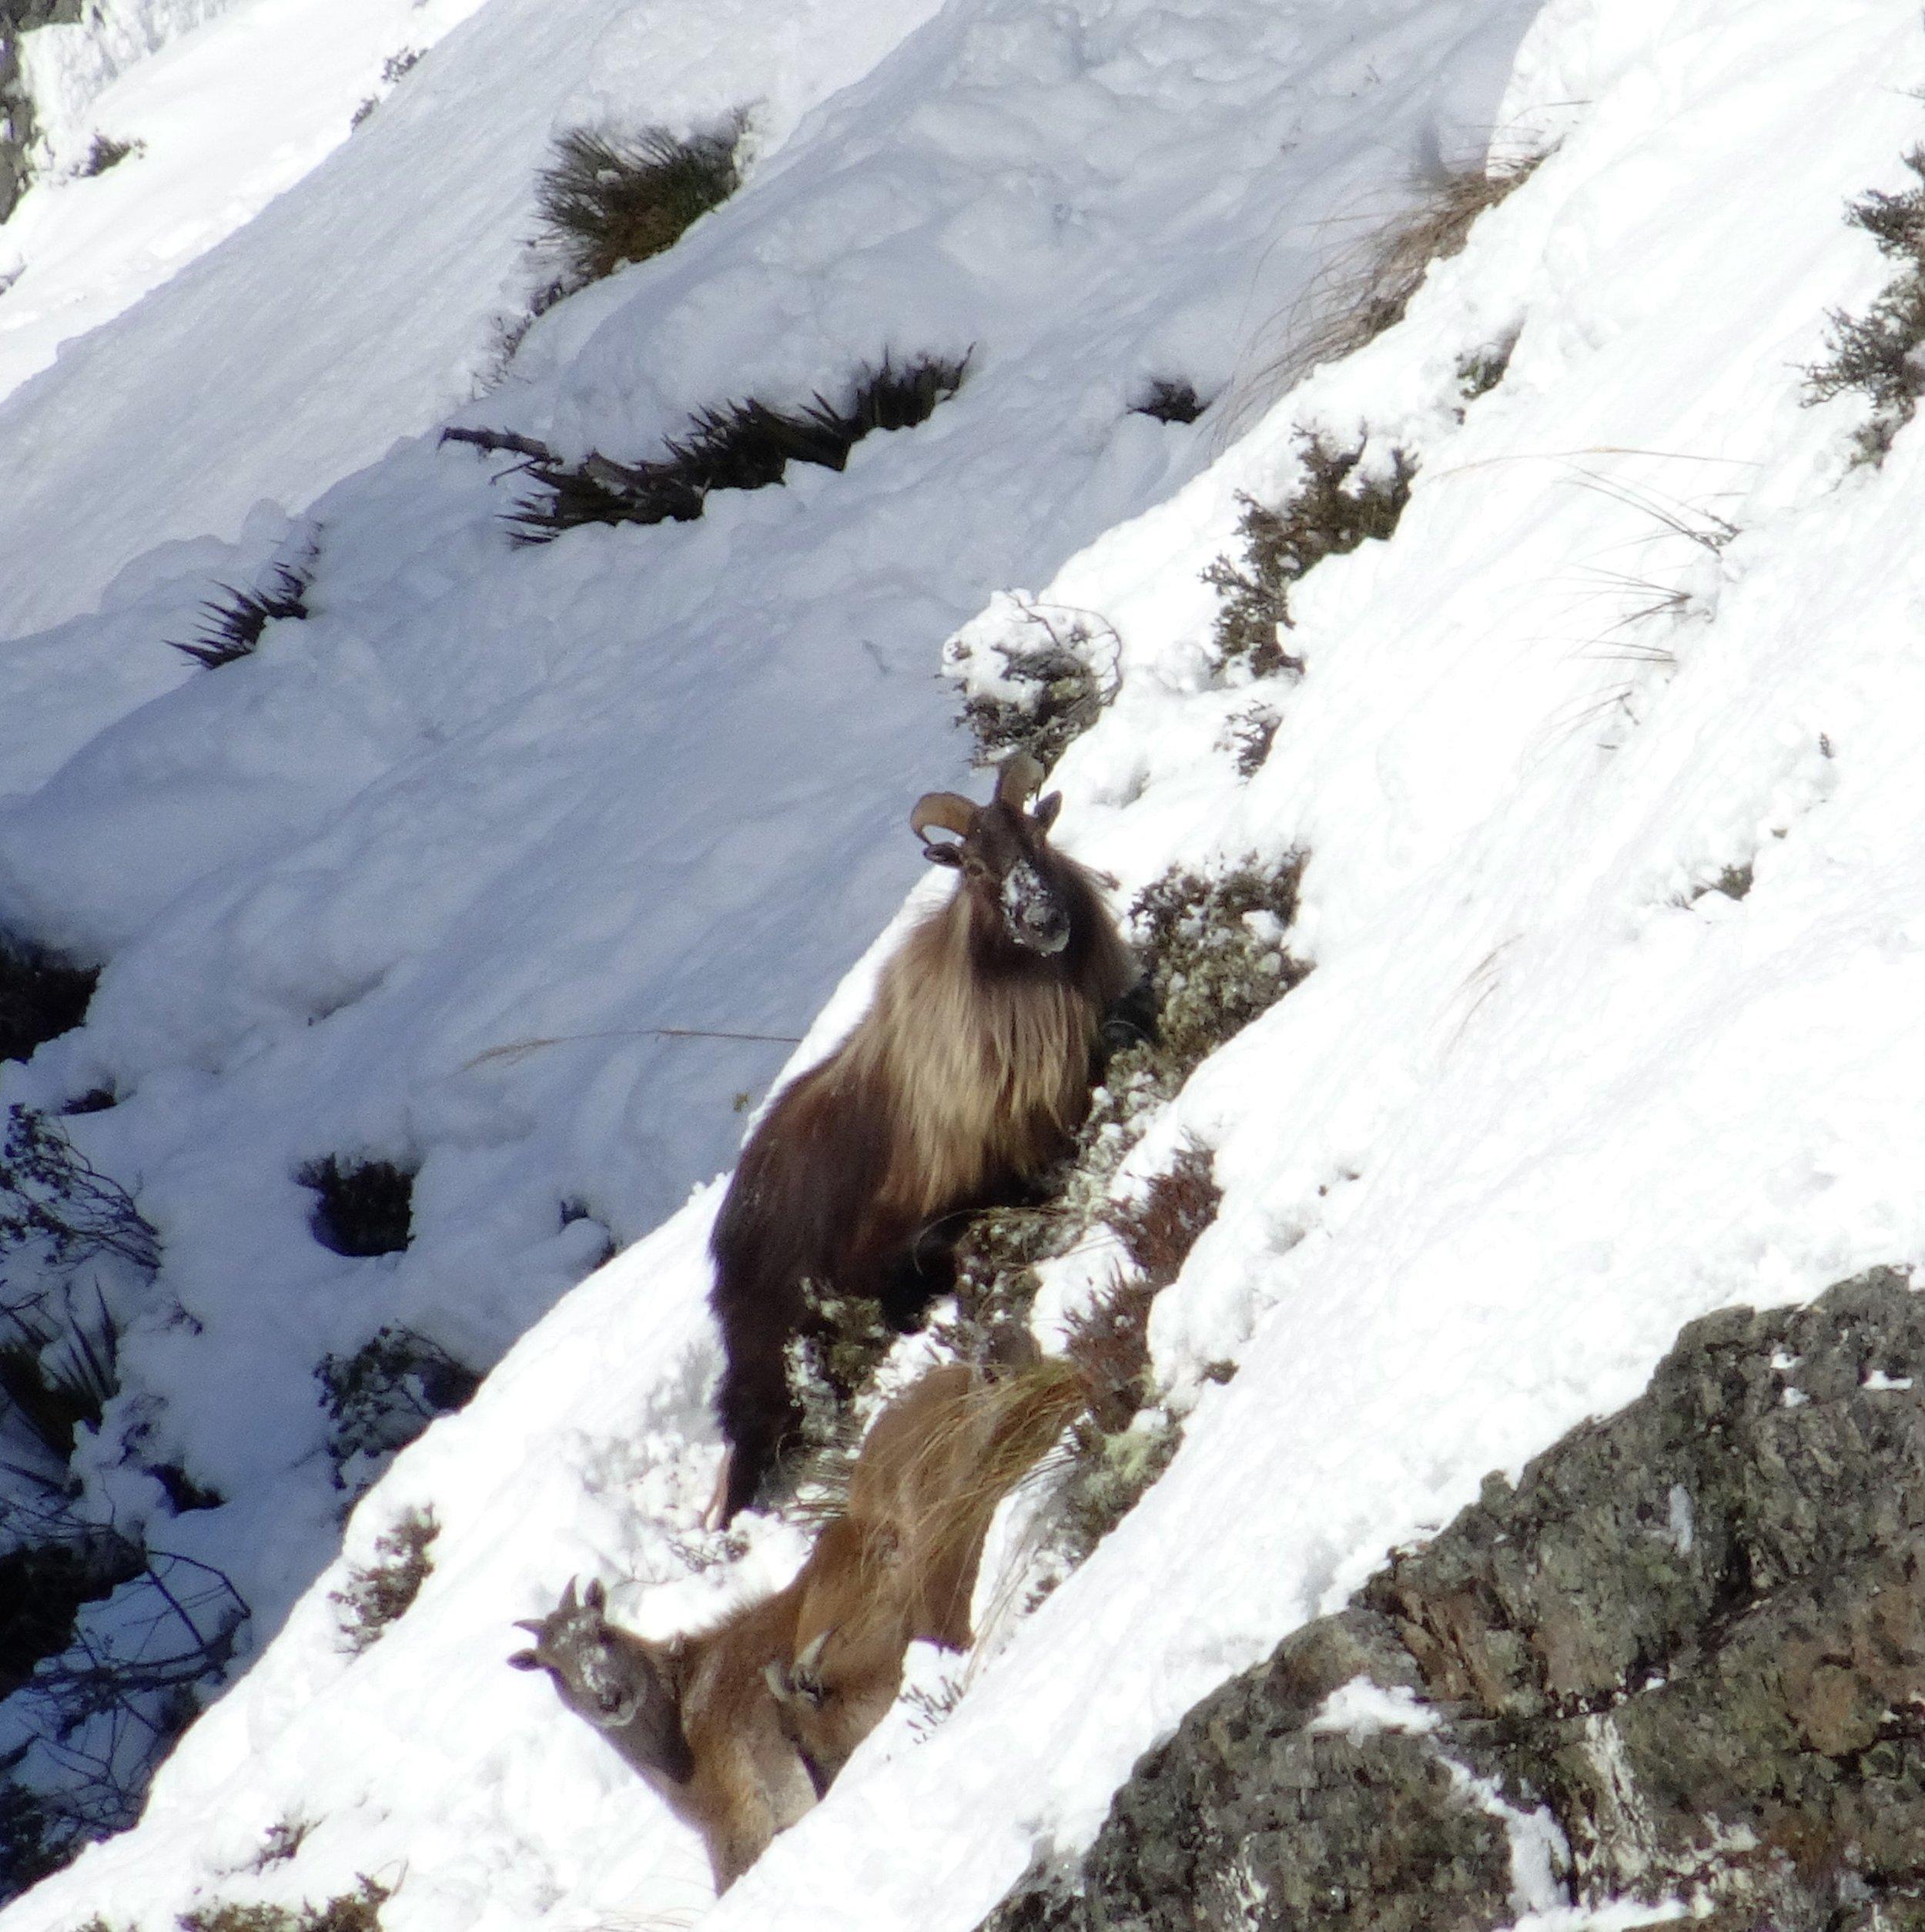 bull tahr in the snow